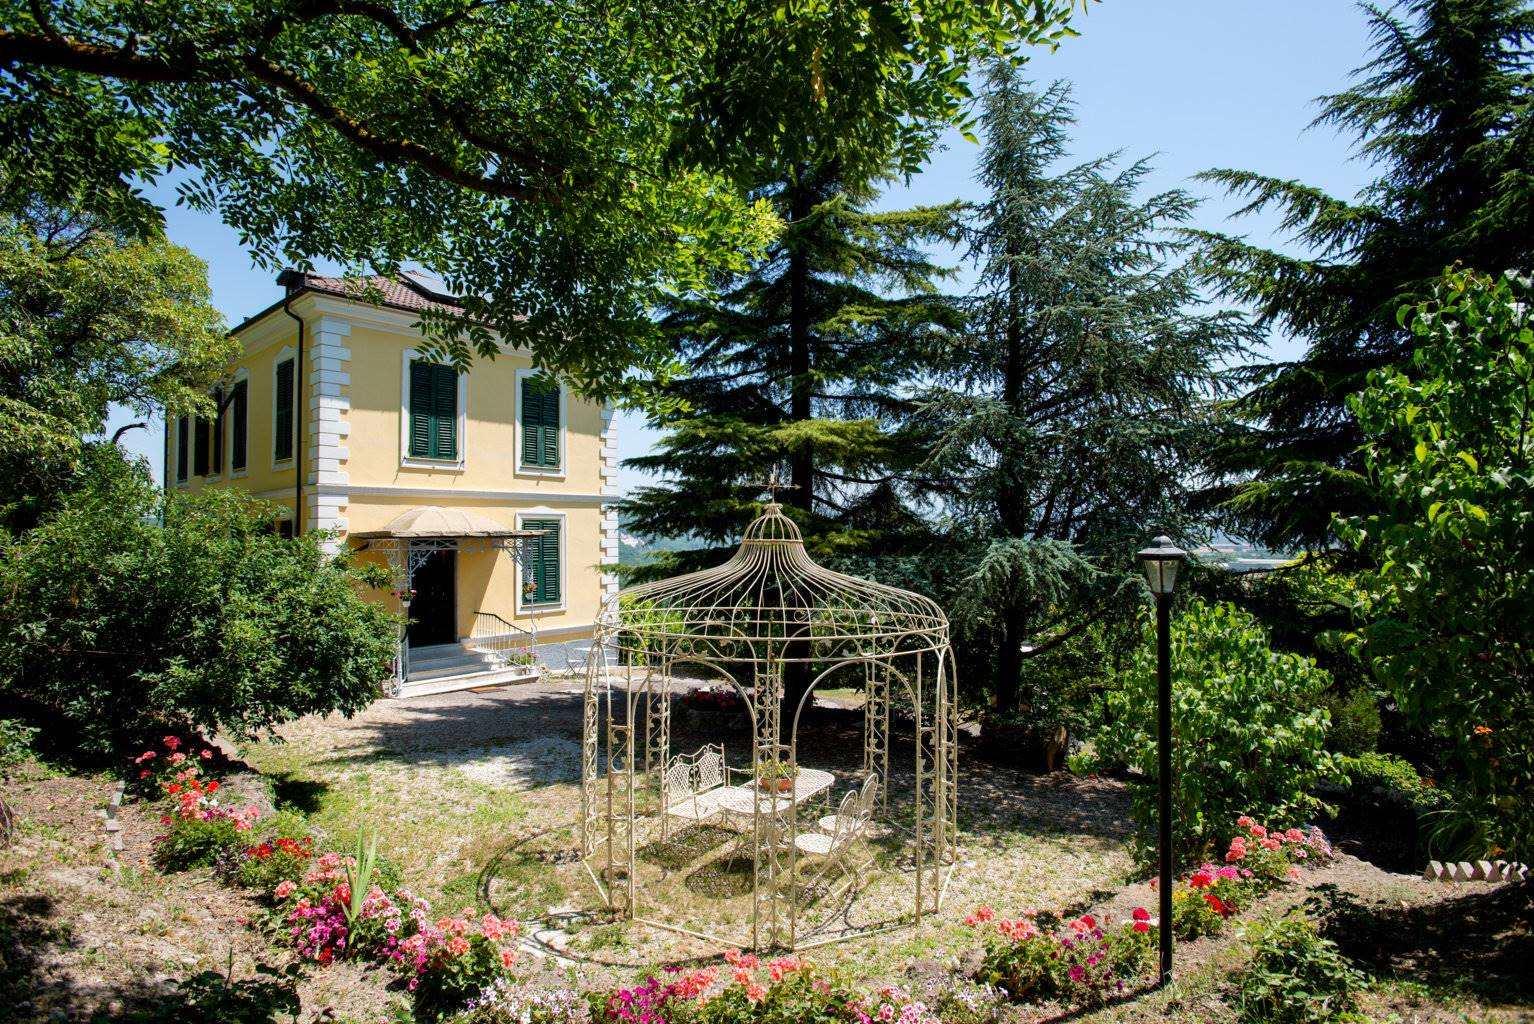 Villa in Vendita a Serravalle Scrivia: 5 locali, 300 mq